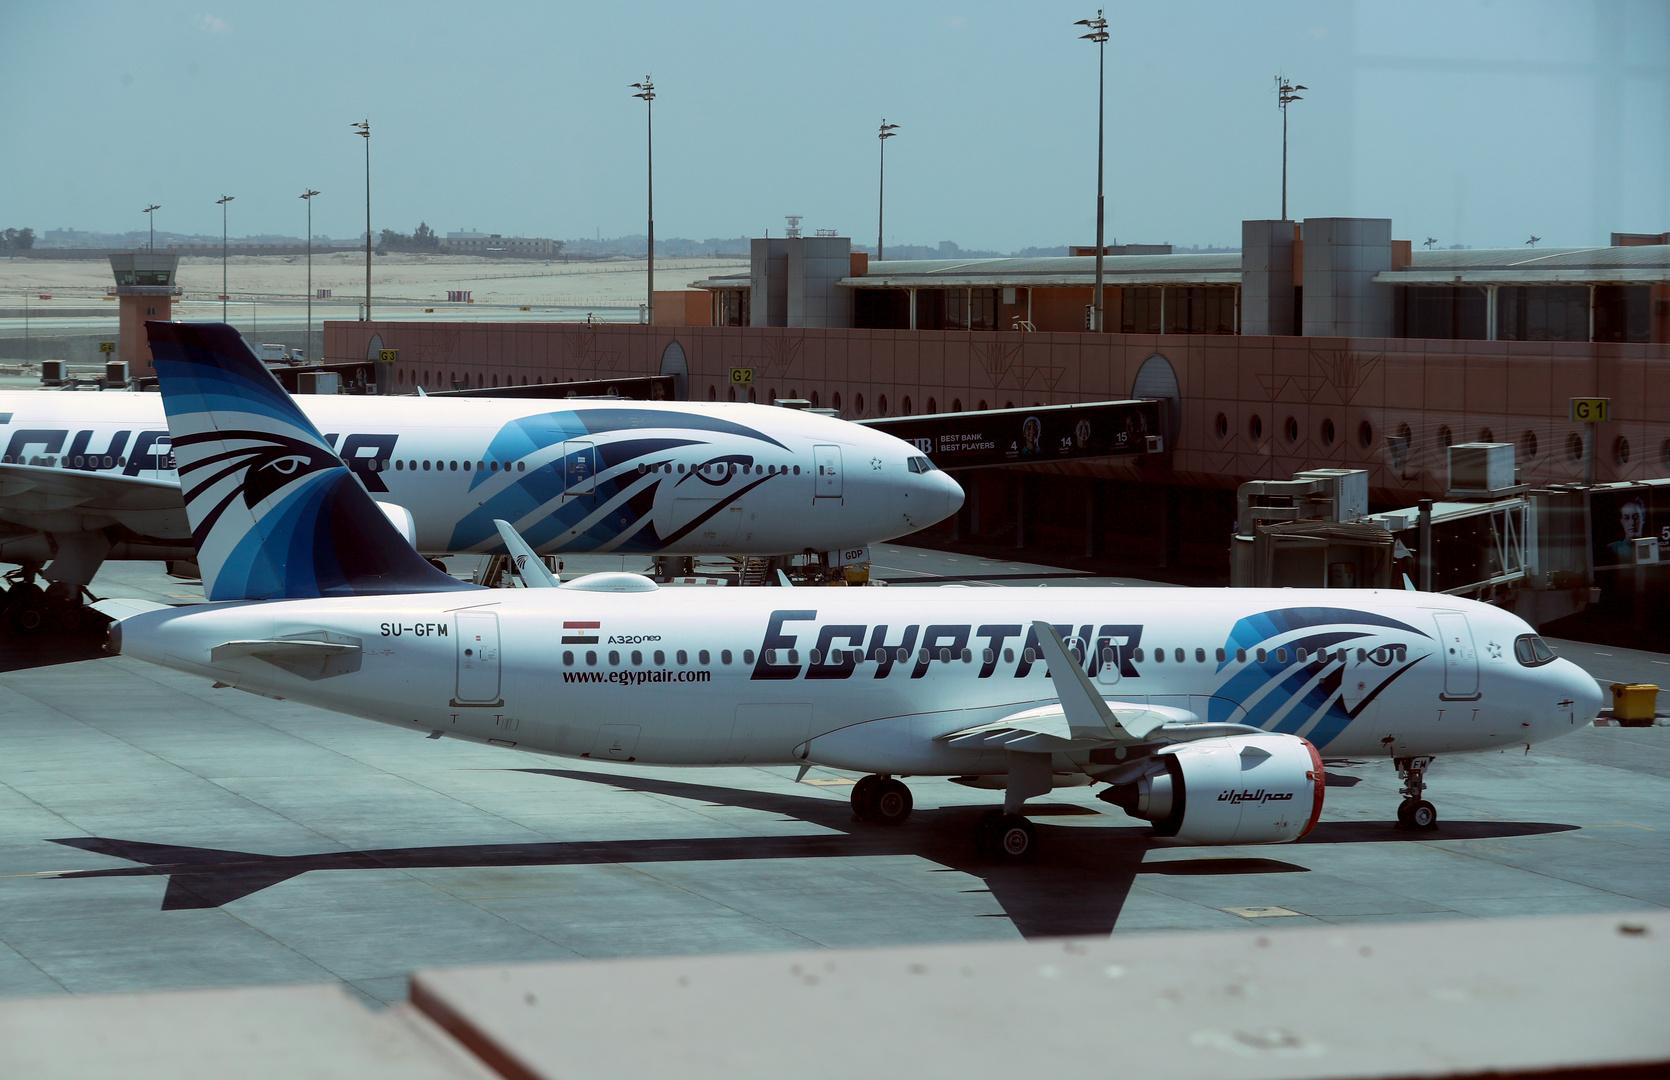 مصر للطيران تبحث تحديد موعد تسيير رحلات جوية بين القاهرة والدوحة